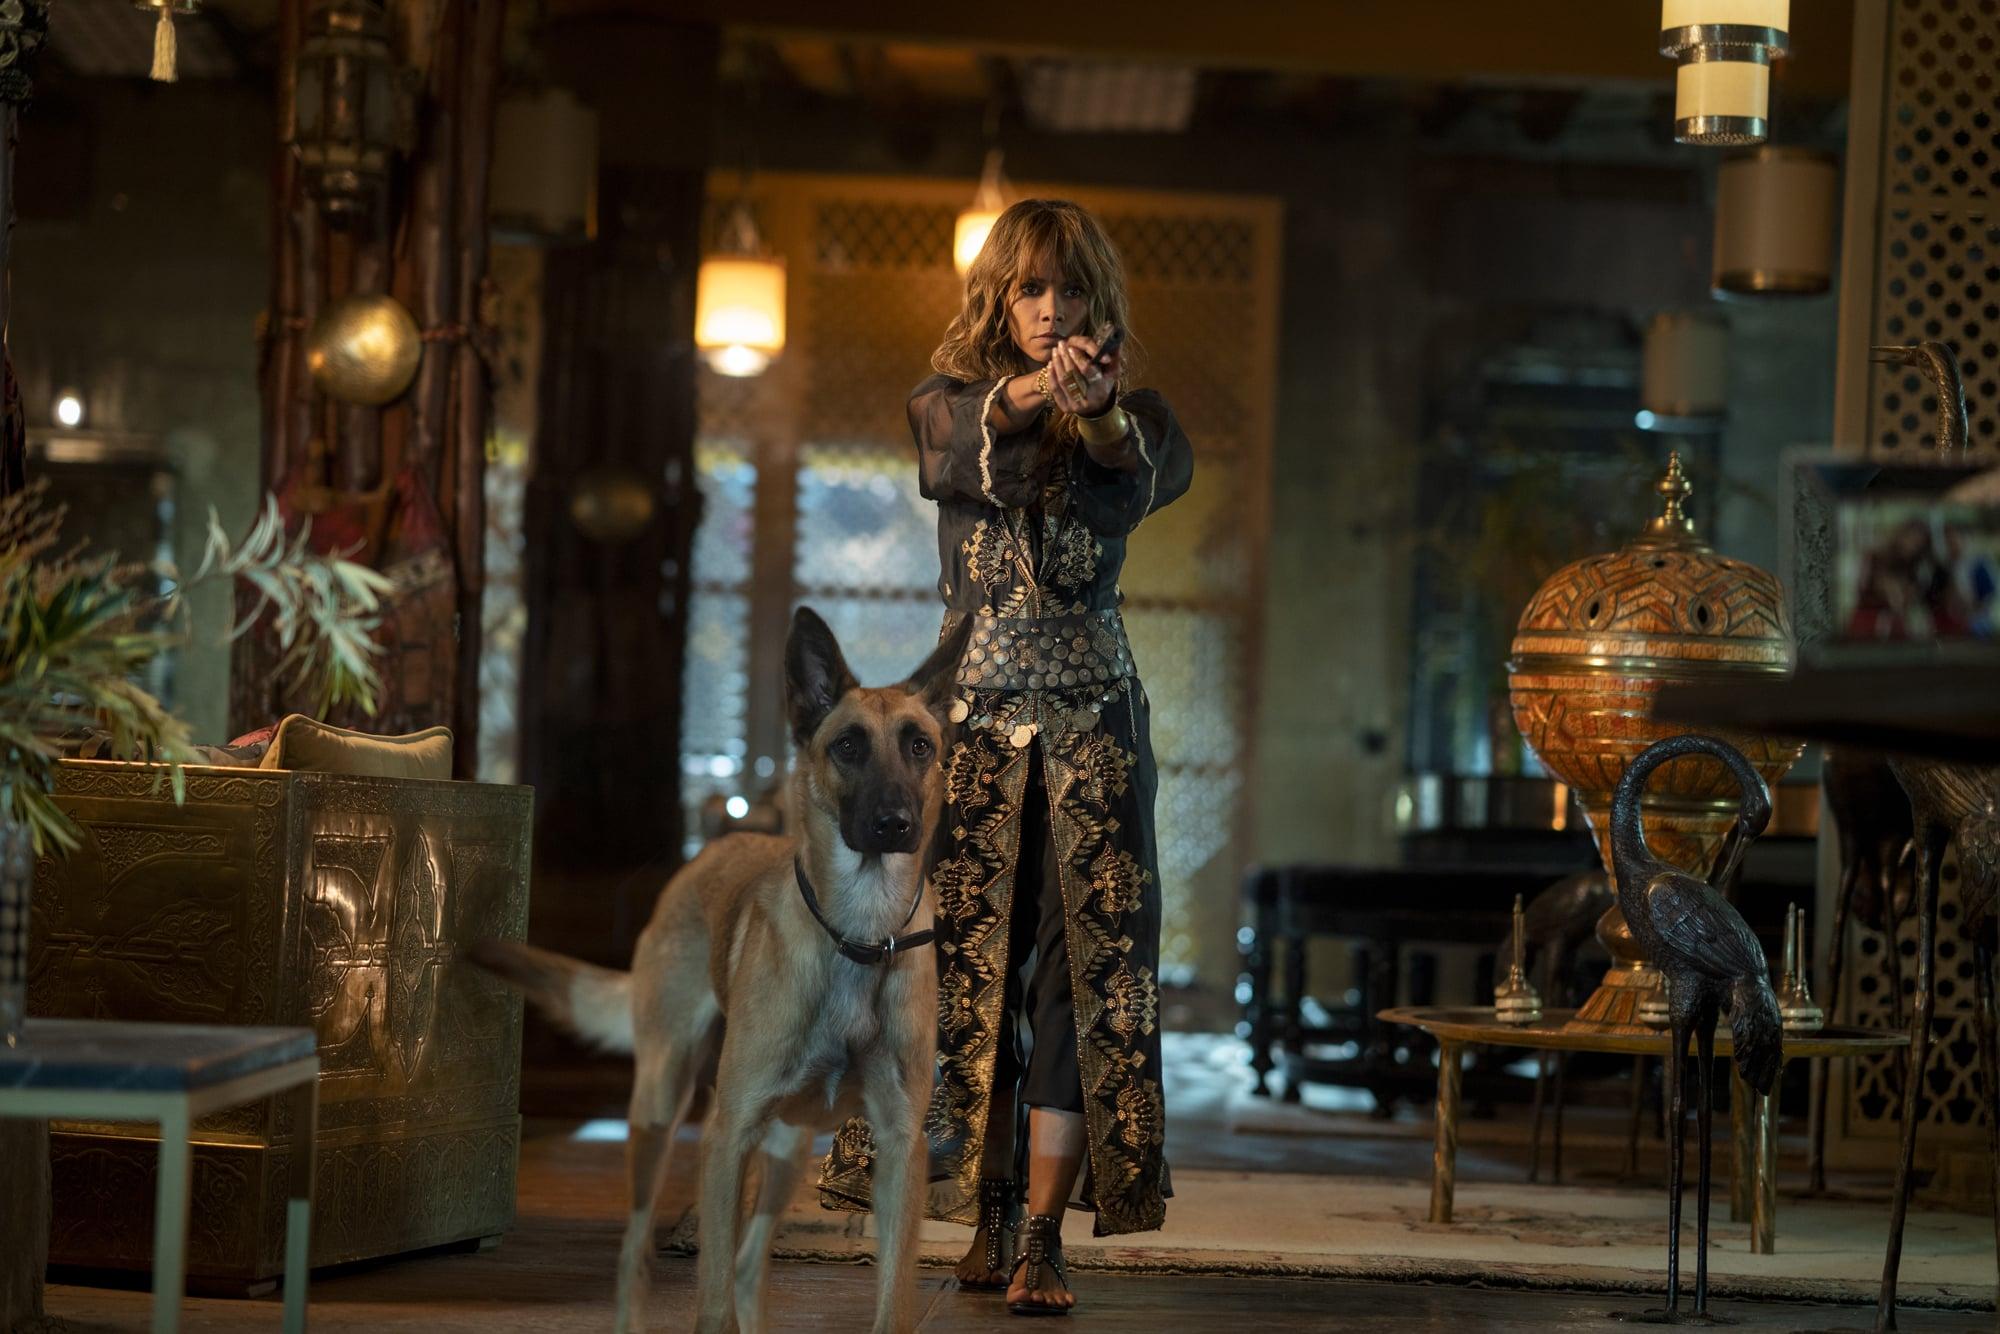 영화 '존 윅 3: 파라벨룸' 스틸. 사진  조이앤시네마